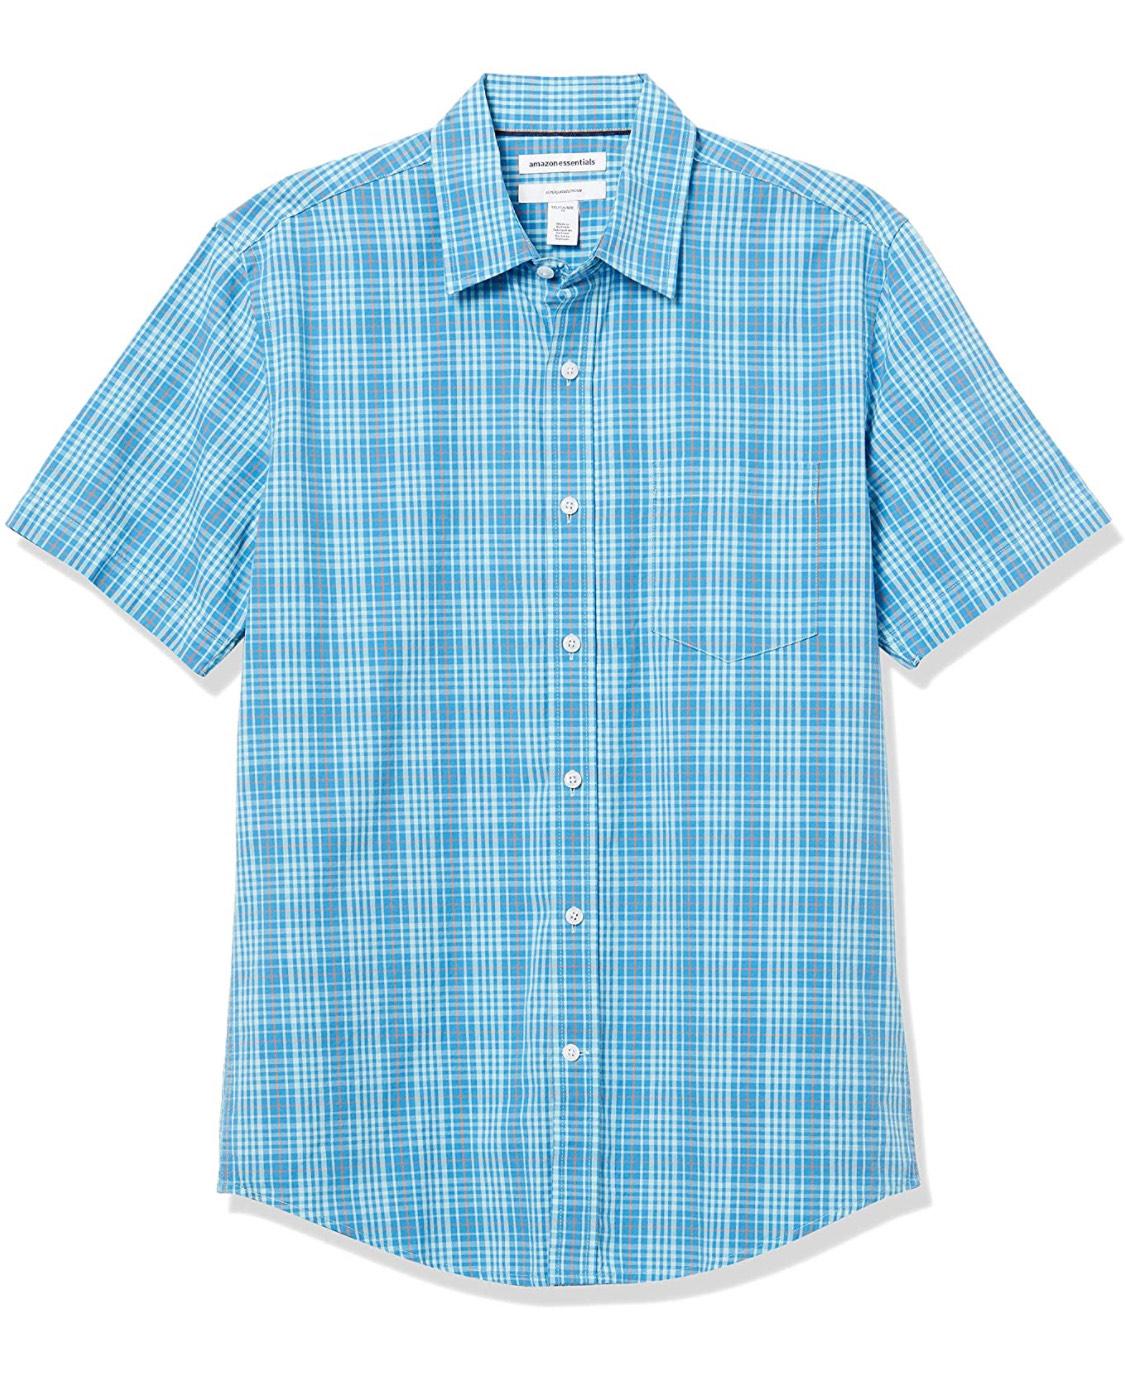 Camisa de cuadros hombre T.S